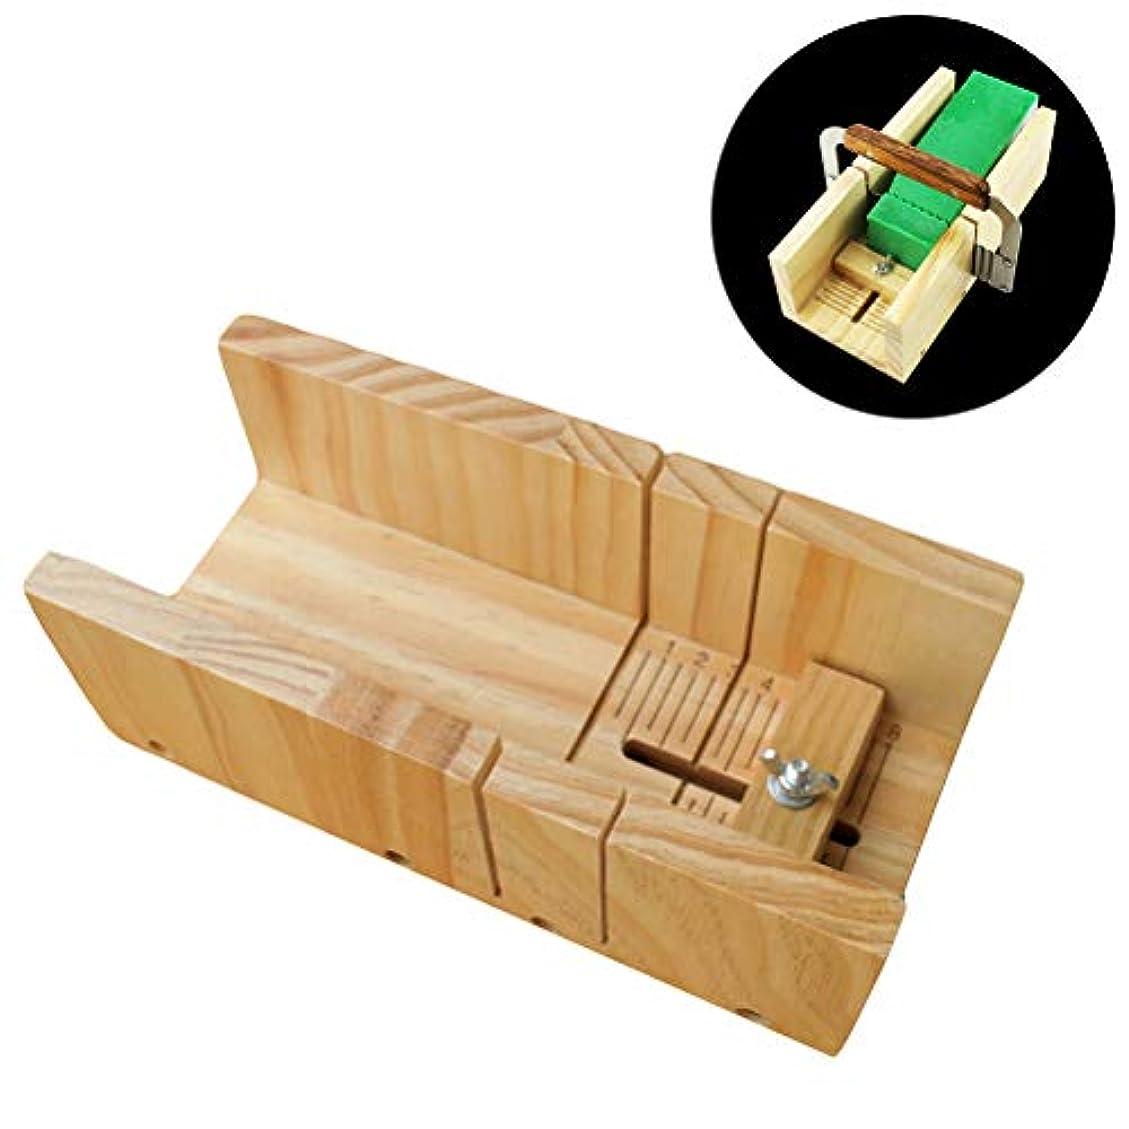 狂乱警告販売計画Healifty 木製石鹸カッターモールド石鹸ロープモールド調節可能なカッターモールドボックス石鹸ツールを作る